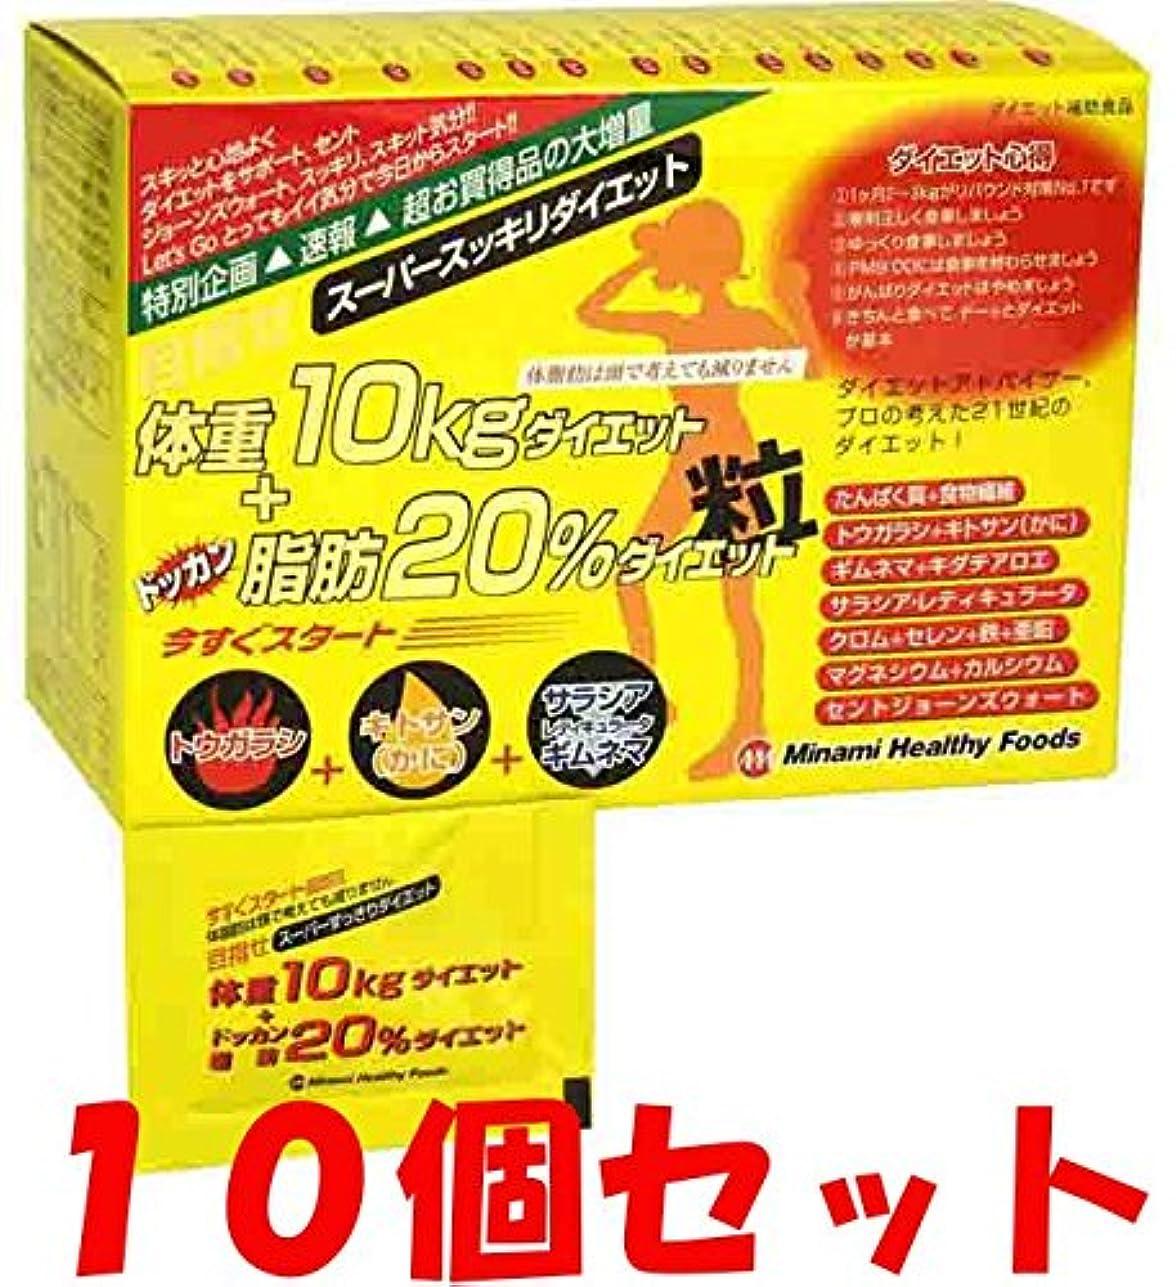 ベックスオープナー忍耐【10個セット】目指せ体重10kgダイエット+ドッカン脂肪20%ダイエット粒 6粒×75袋